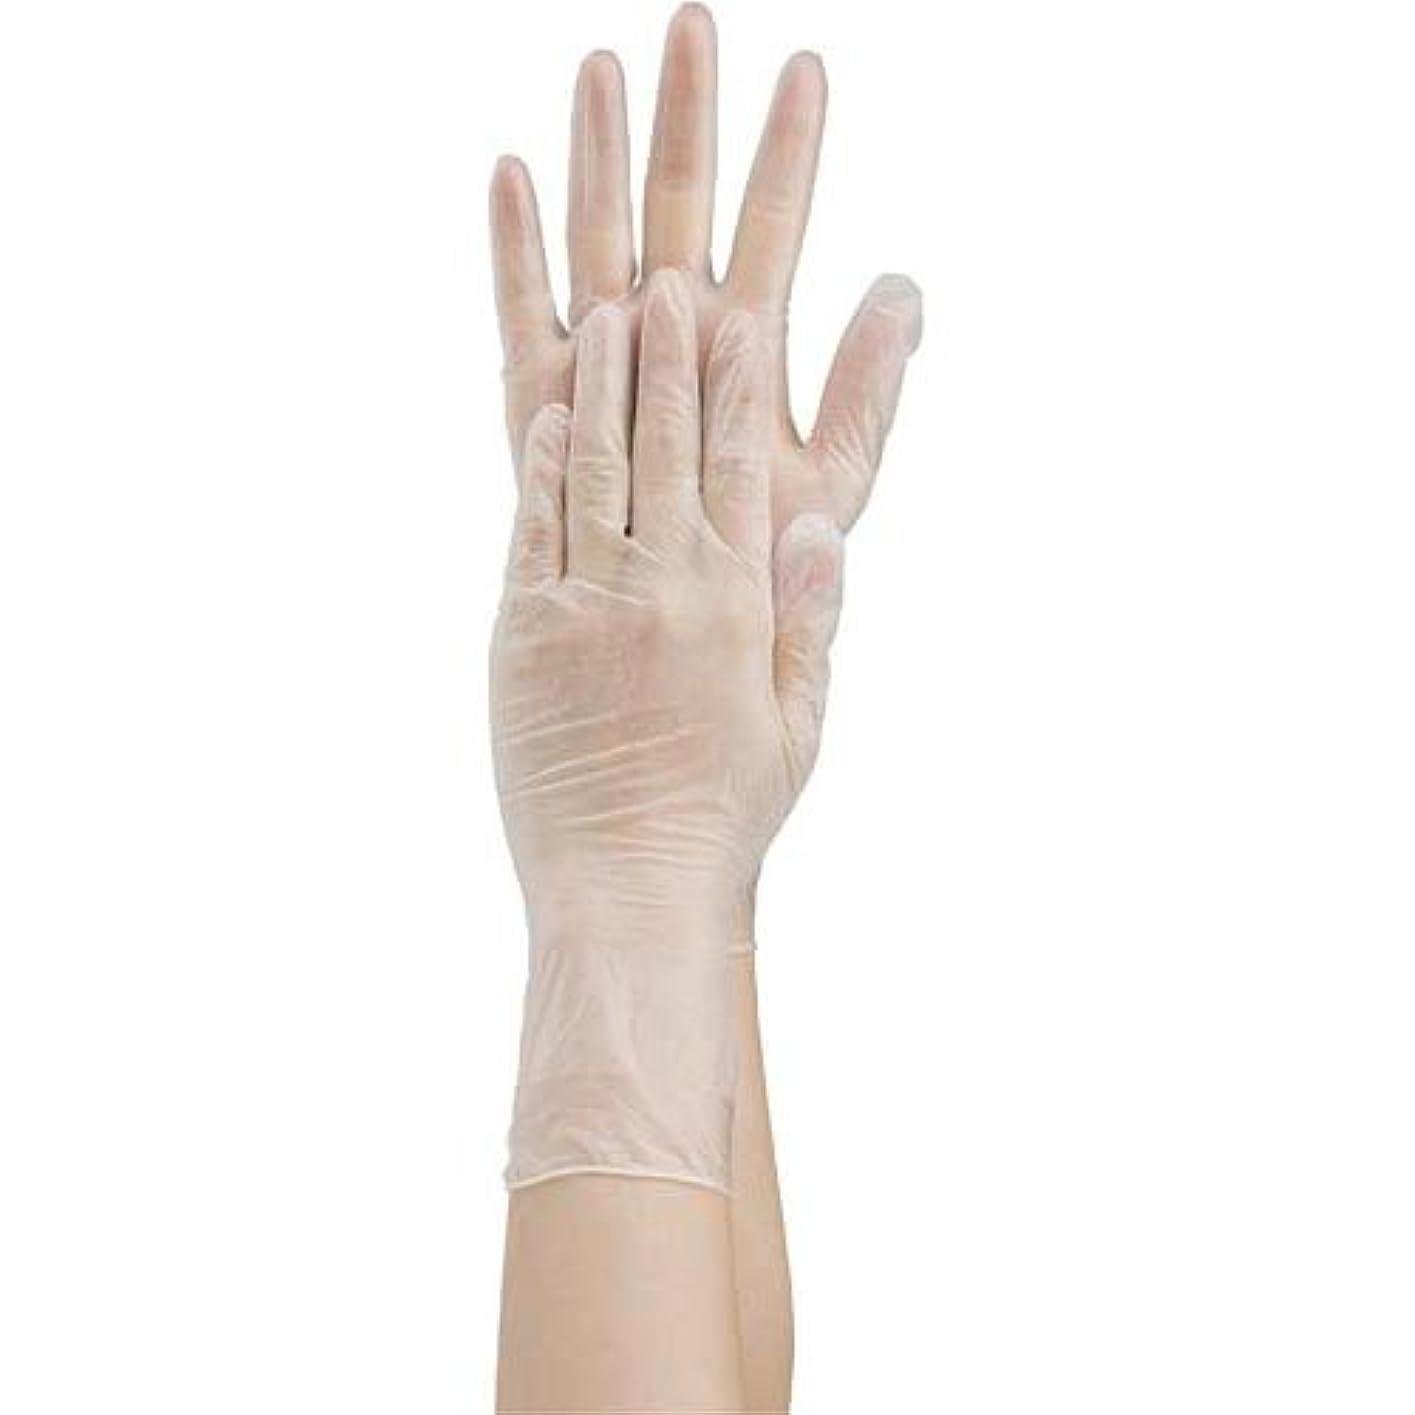 頂点オーバードロー多数の共和 プラスチック手袋 粉無 No.2500 L 10箱